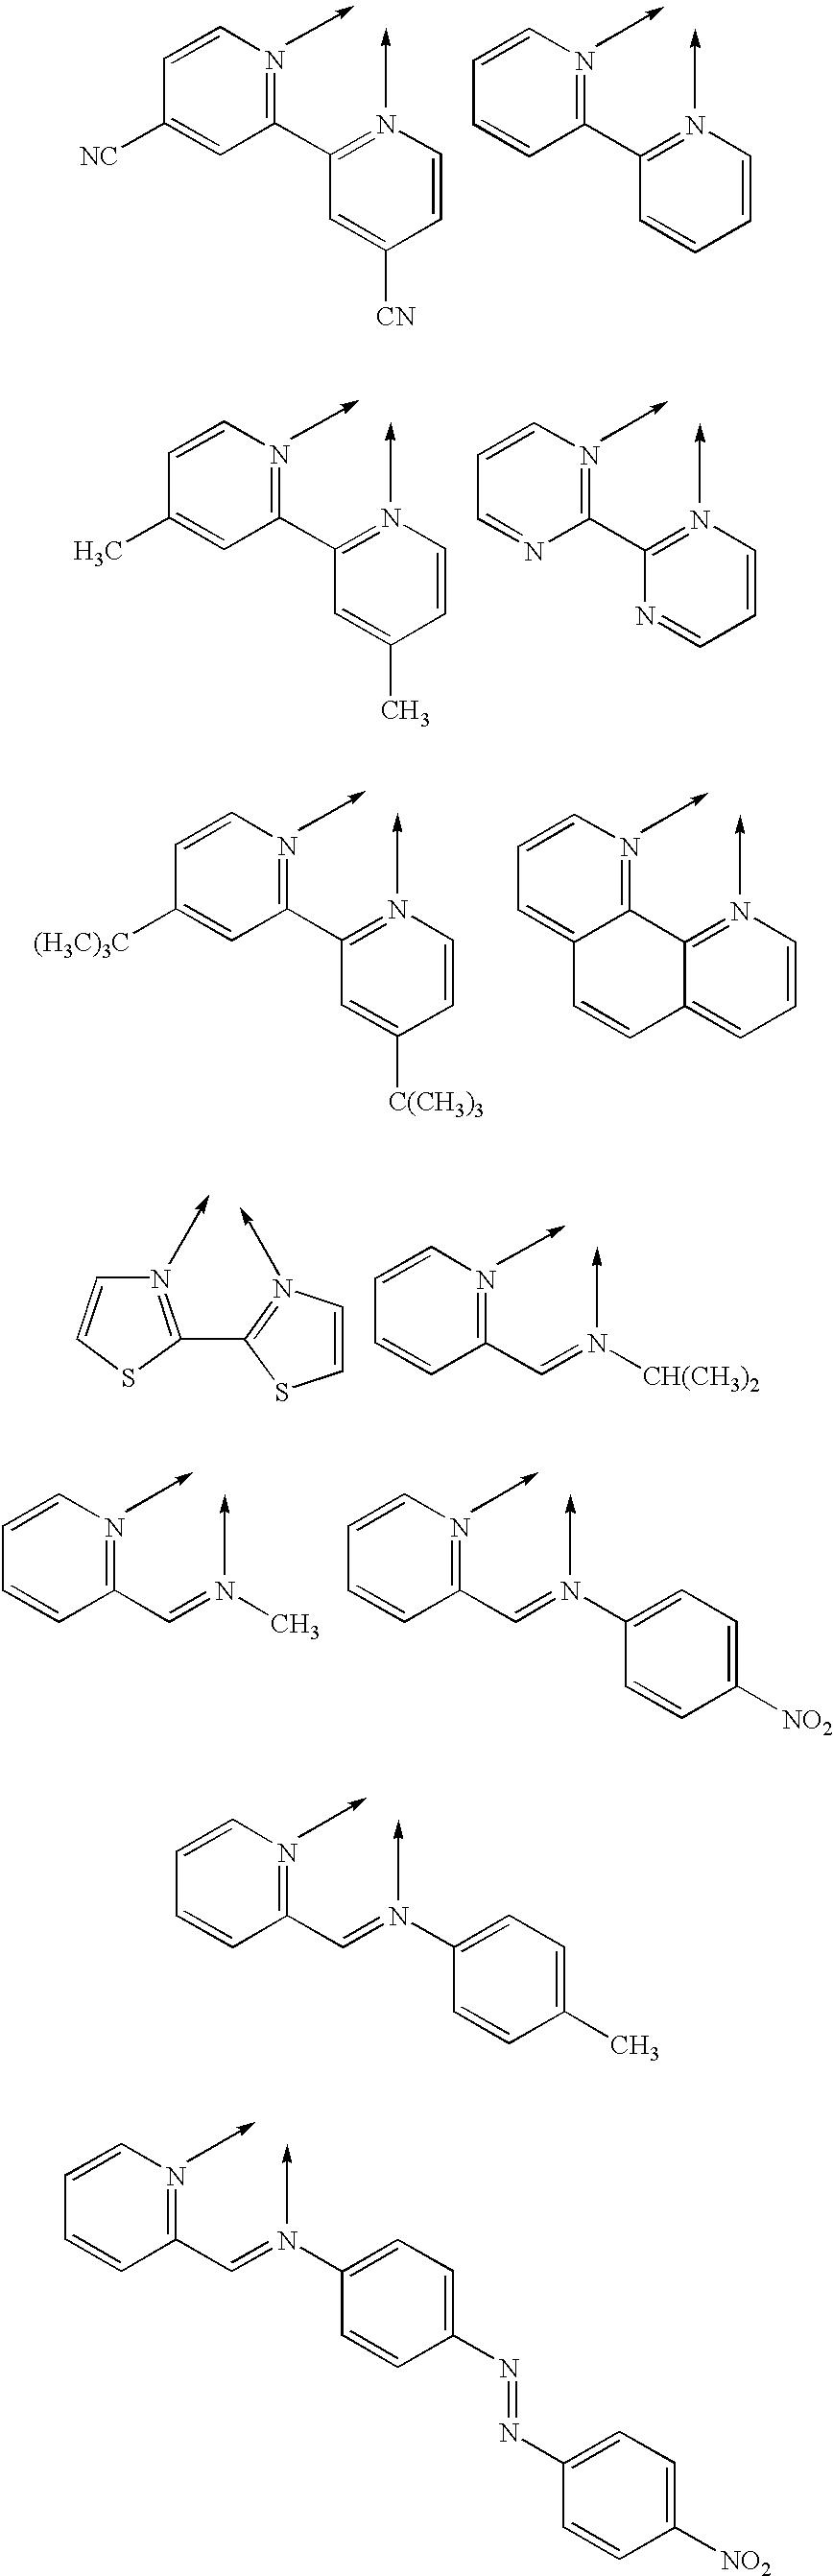 Figure US06818586-20041116-C00013